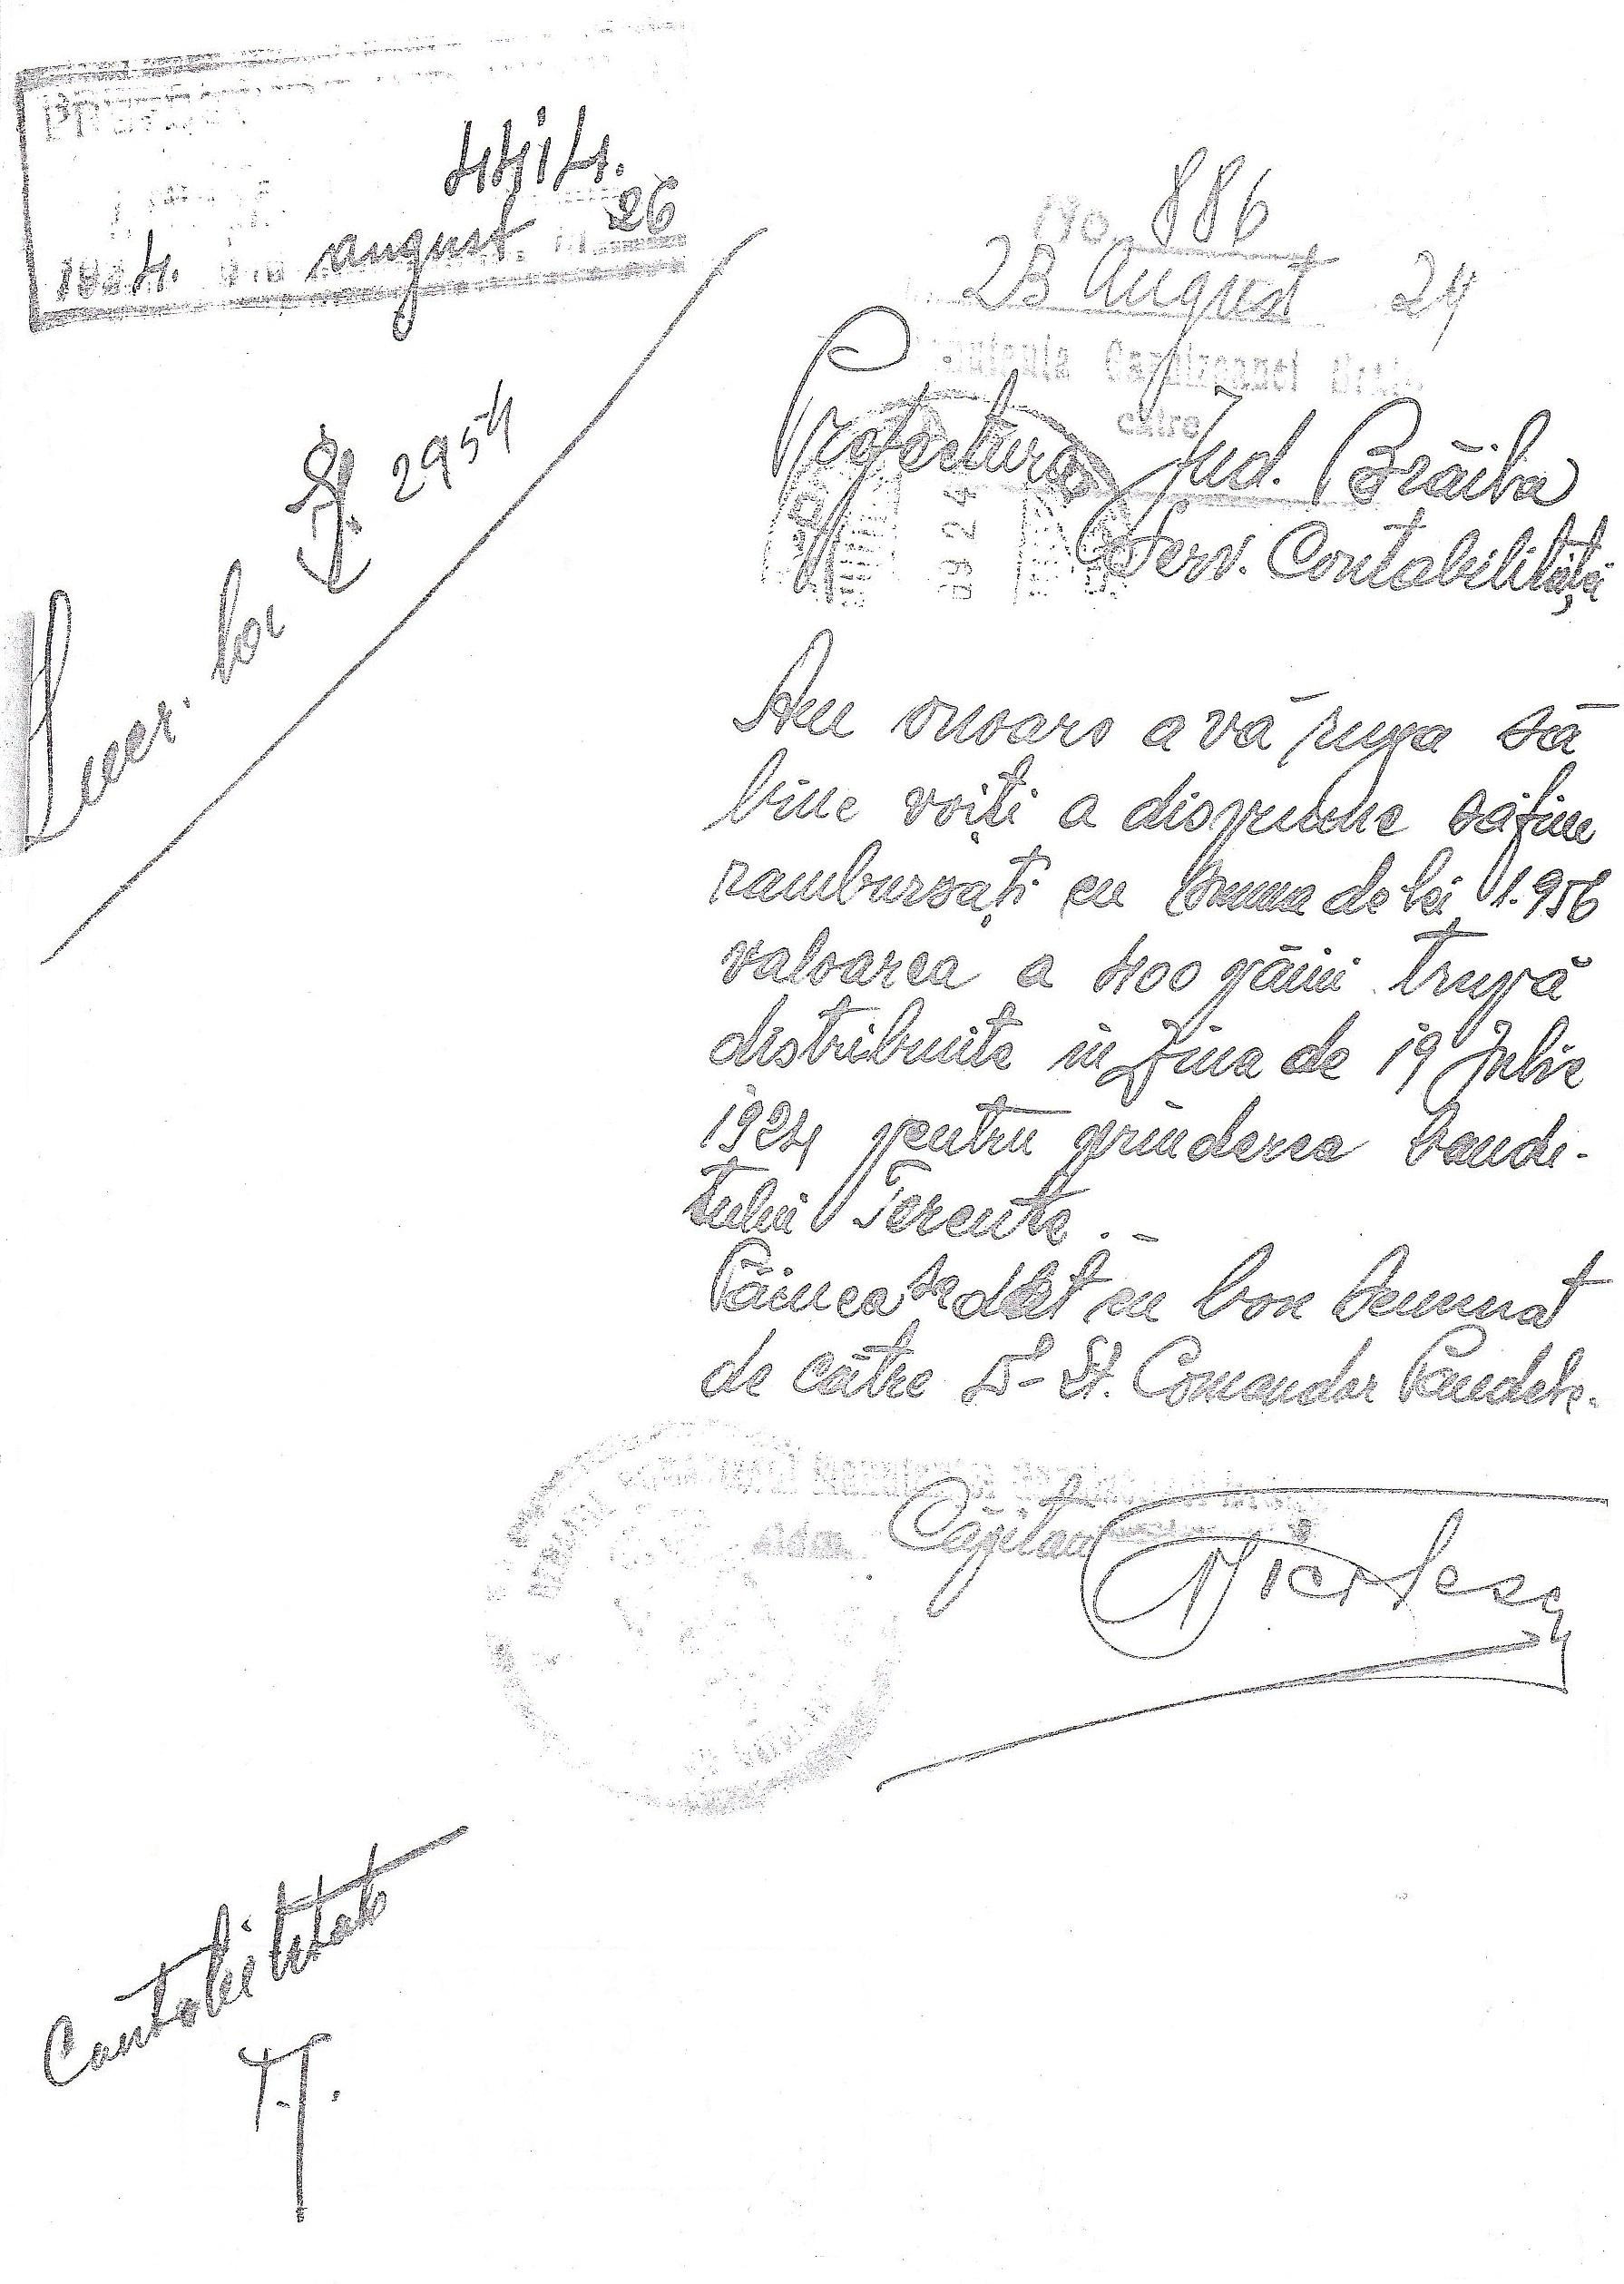 Adresa Manutanţei Garnizoanei Brăila pentru decontarea sumei de 1.956 lei, reprezentând contravaloarea a 400 pâini, distribuite în ziua de 19 Iulie 1924, pentru prinderea banditului Terente.